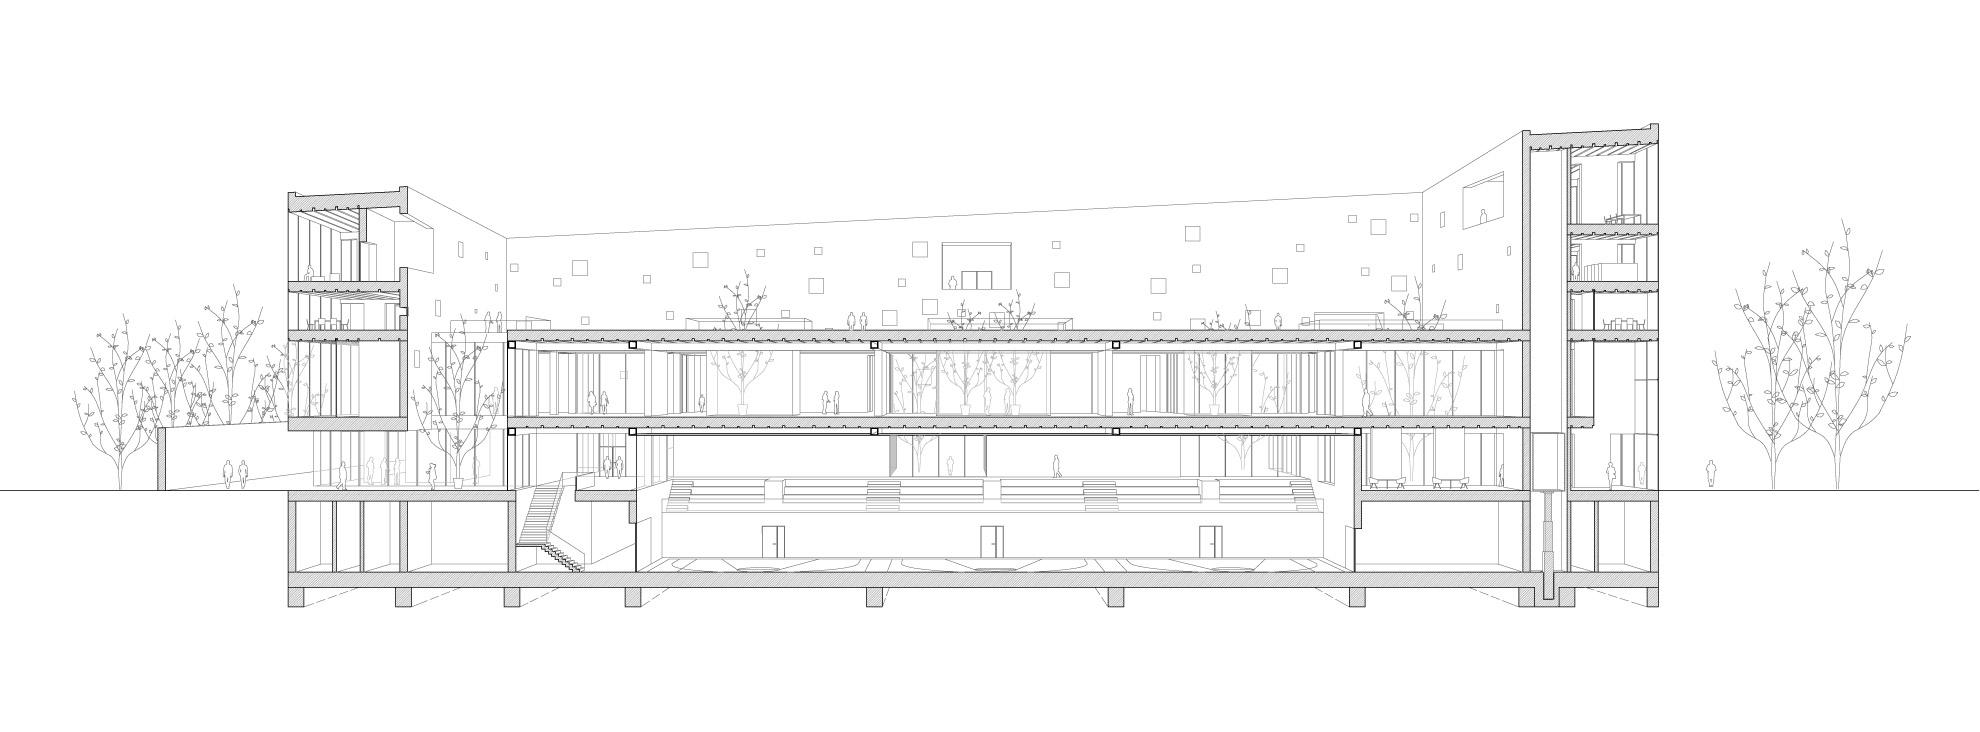 KUBIK Architektur - Studio für Architektur Berlin - architecture - Wettbewerb - Kulturzentrum - Spektrum Spandau - Schnitt